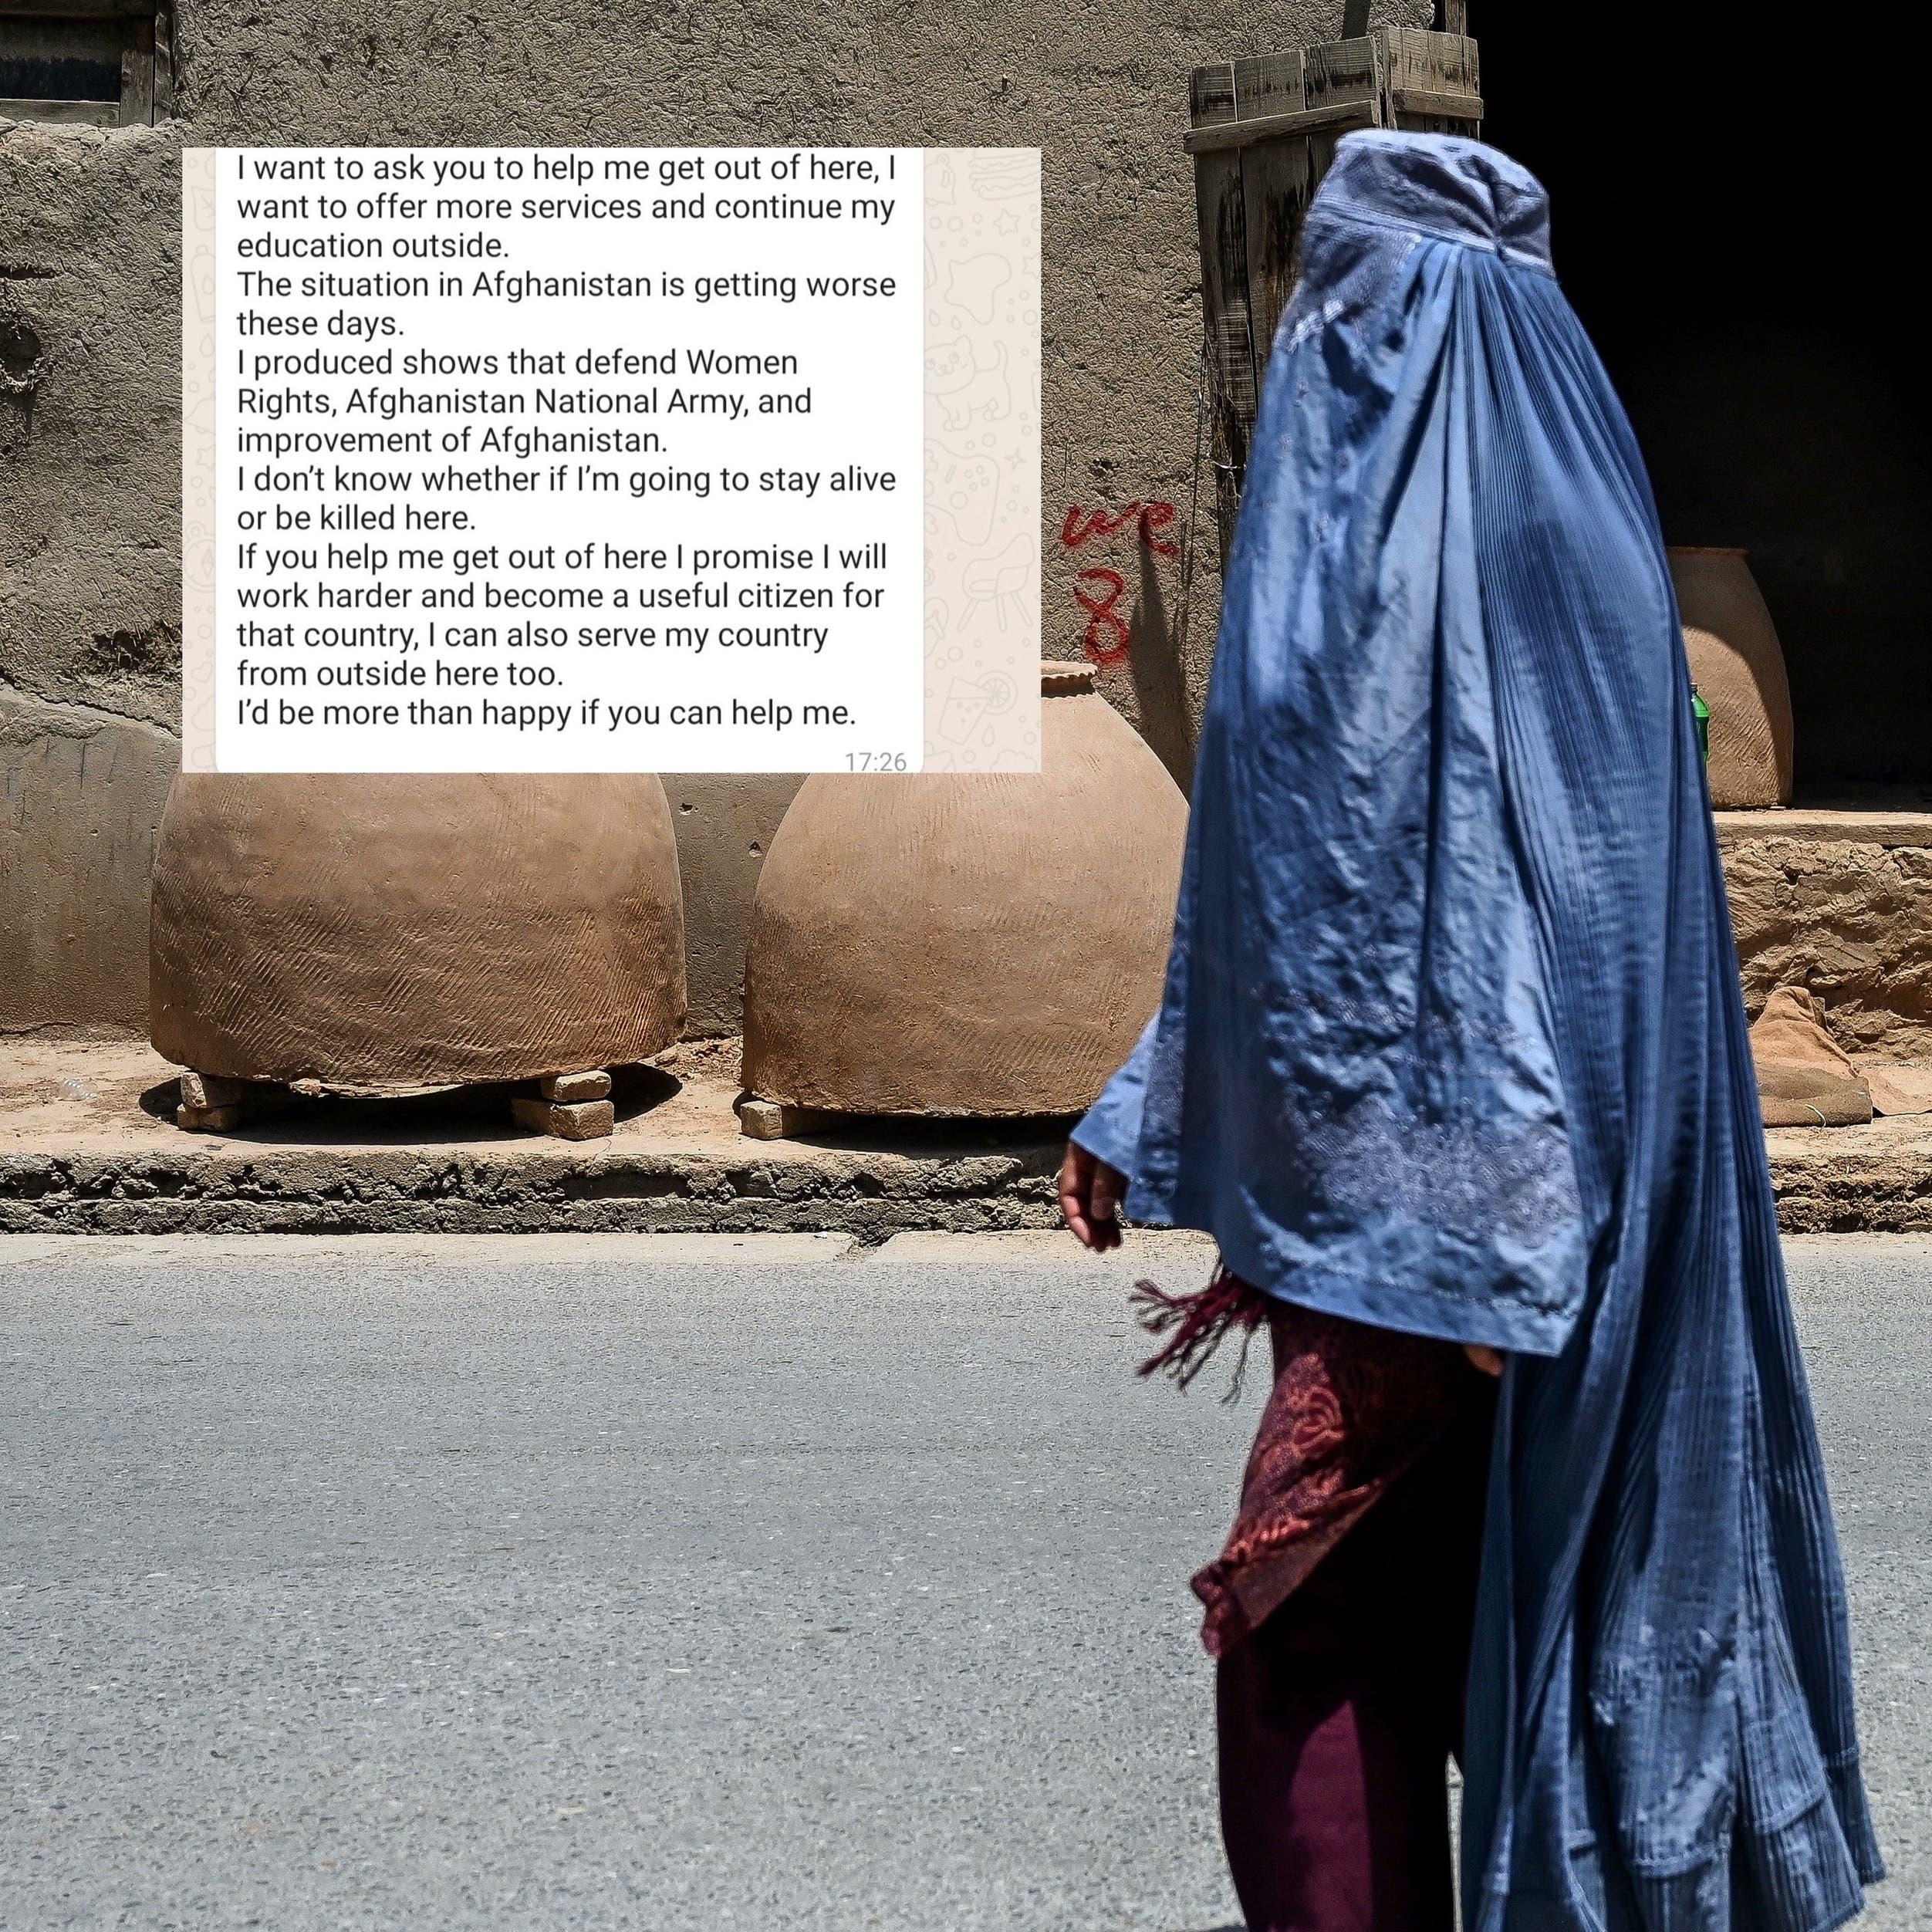 أفغانية تتوسل برسالة: طالبان ستقتلني.. أرجوكم أخرجوني من هنا